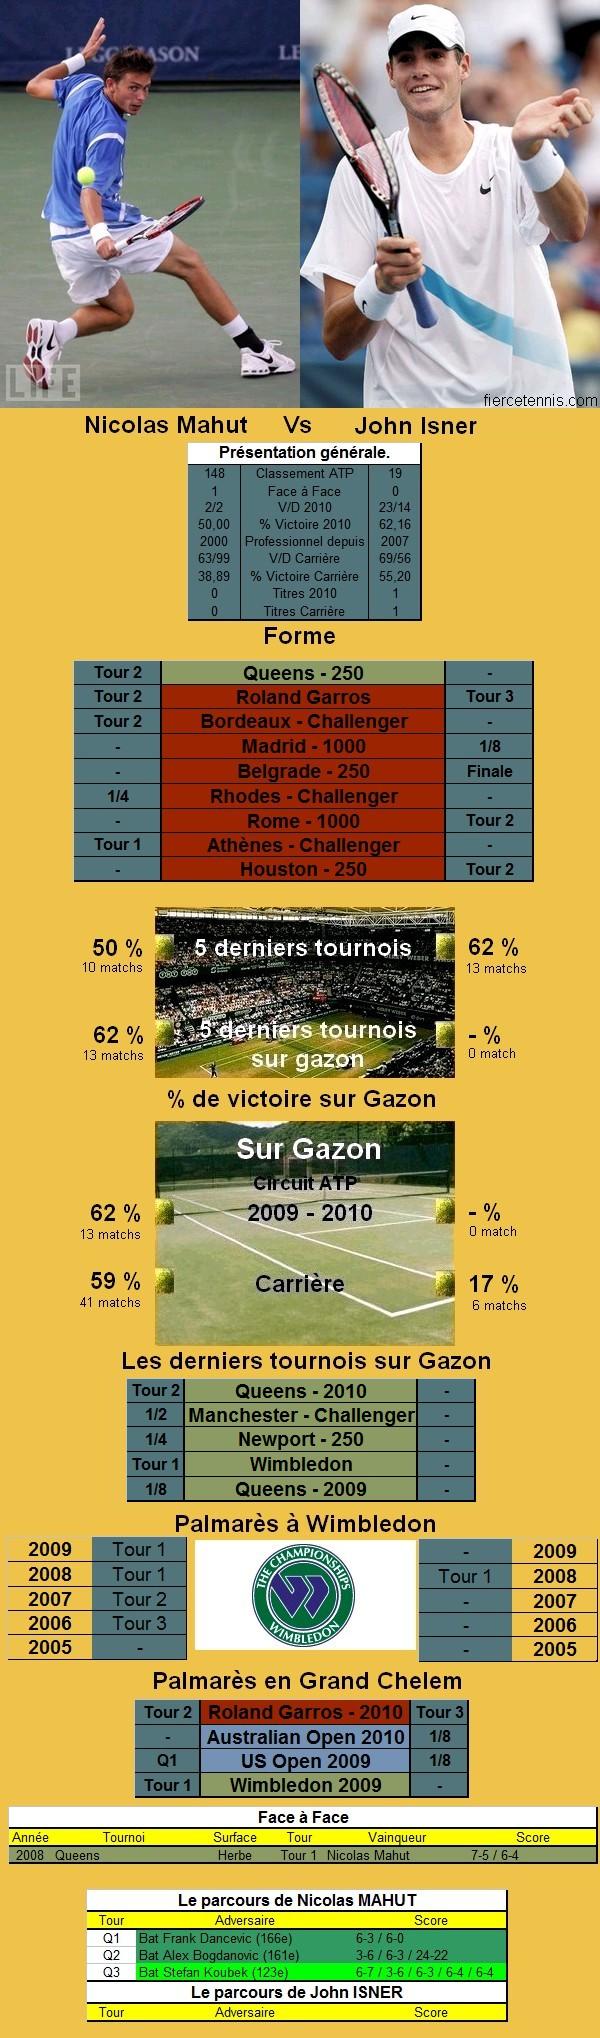 Statistiques tennis de Mahut contre Isner à Wimbledon